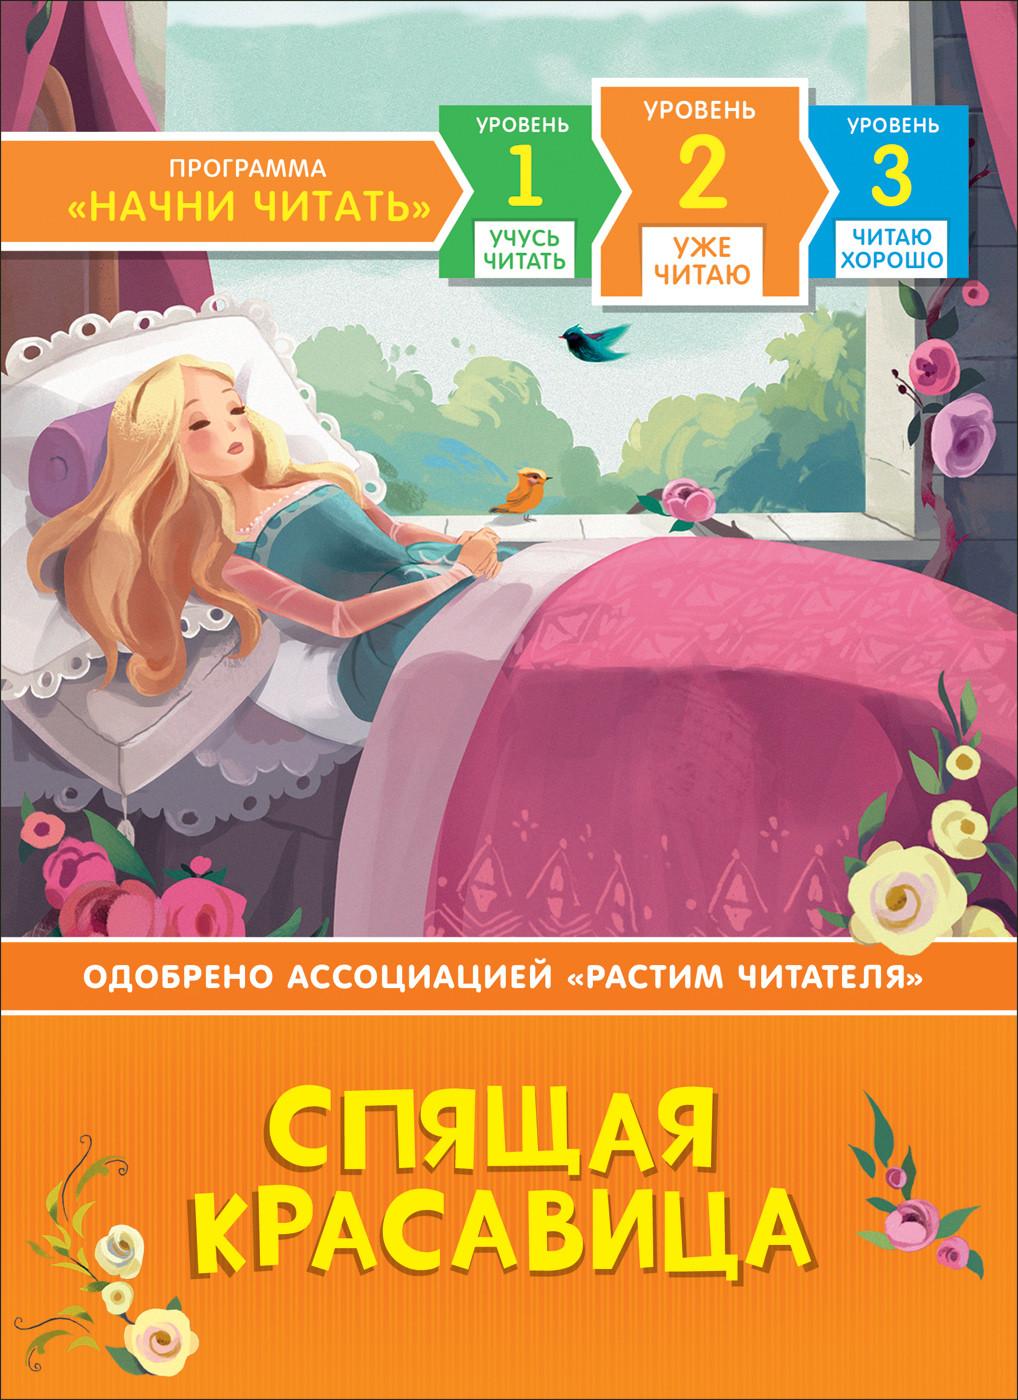 Спящая красавица: Уровень 2: Уже читаю